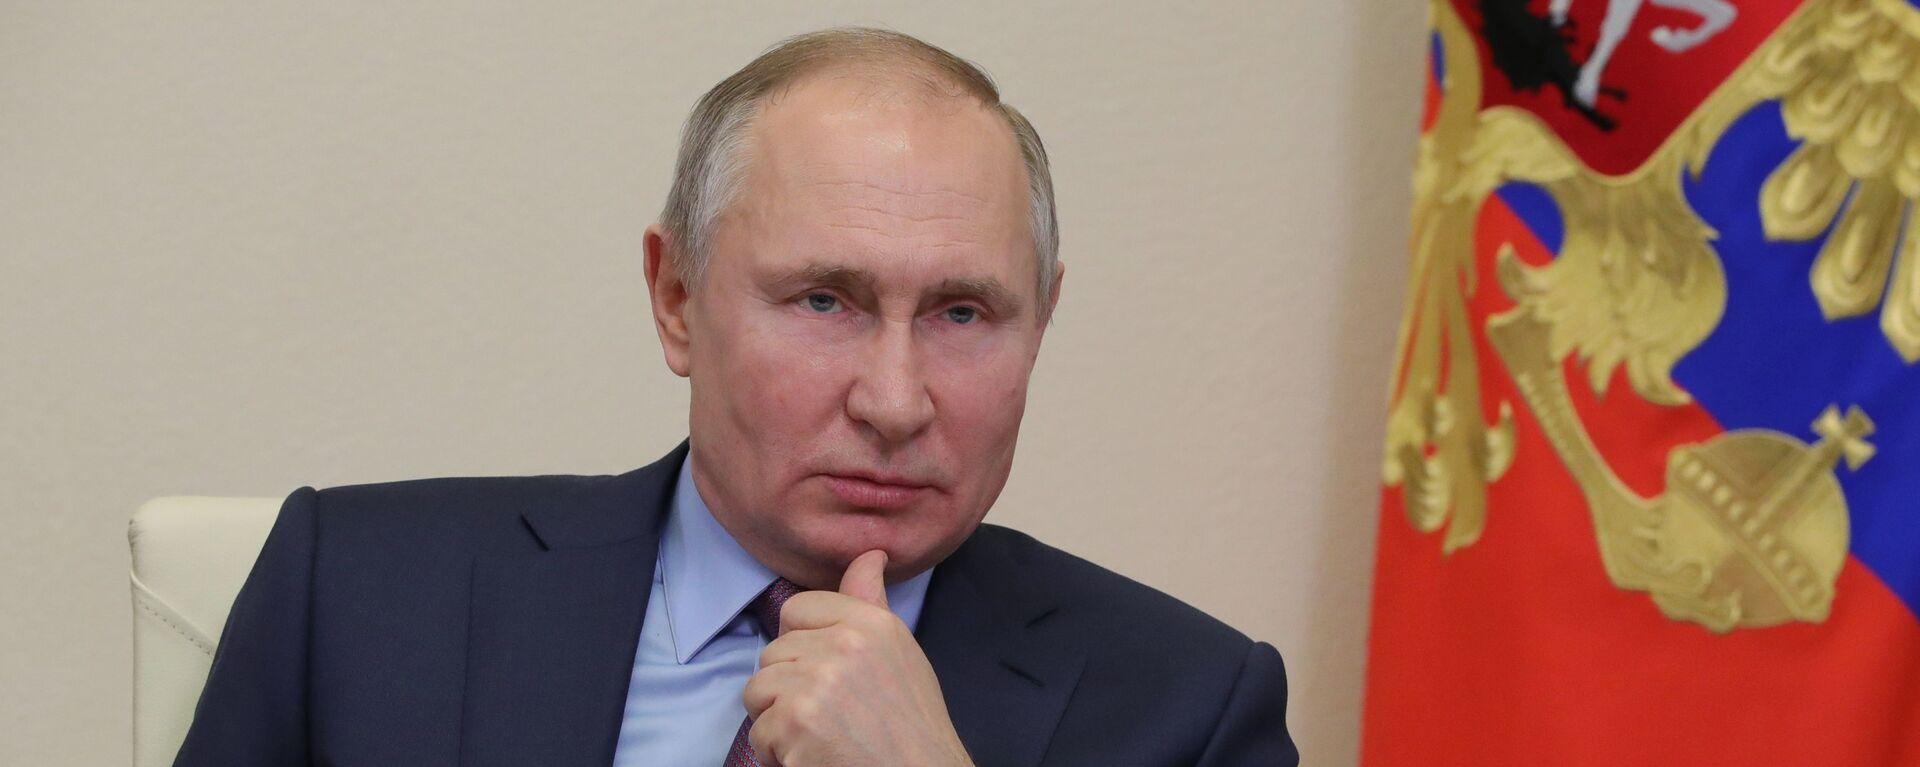 Президент РФ В. Путин на совещании - Sputnik Таджикистан, 1920, 10.02.2021